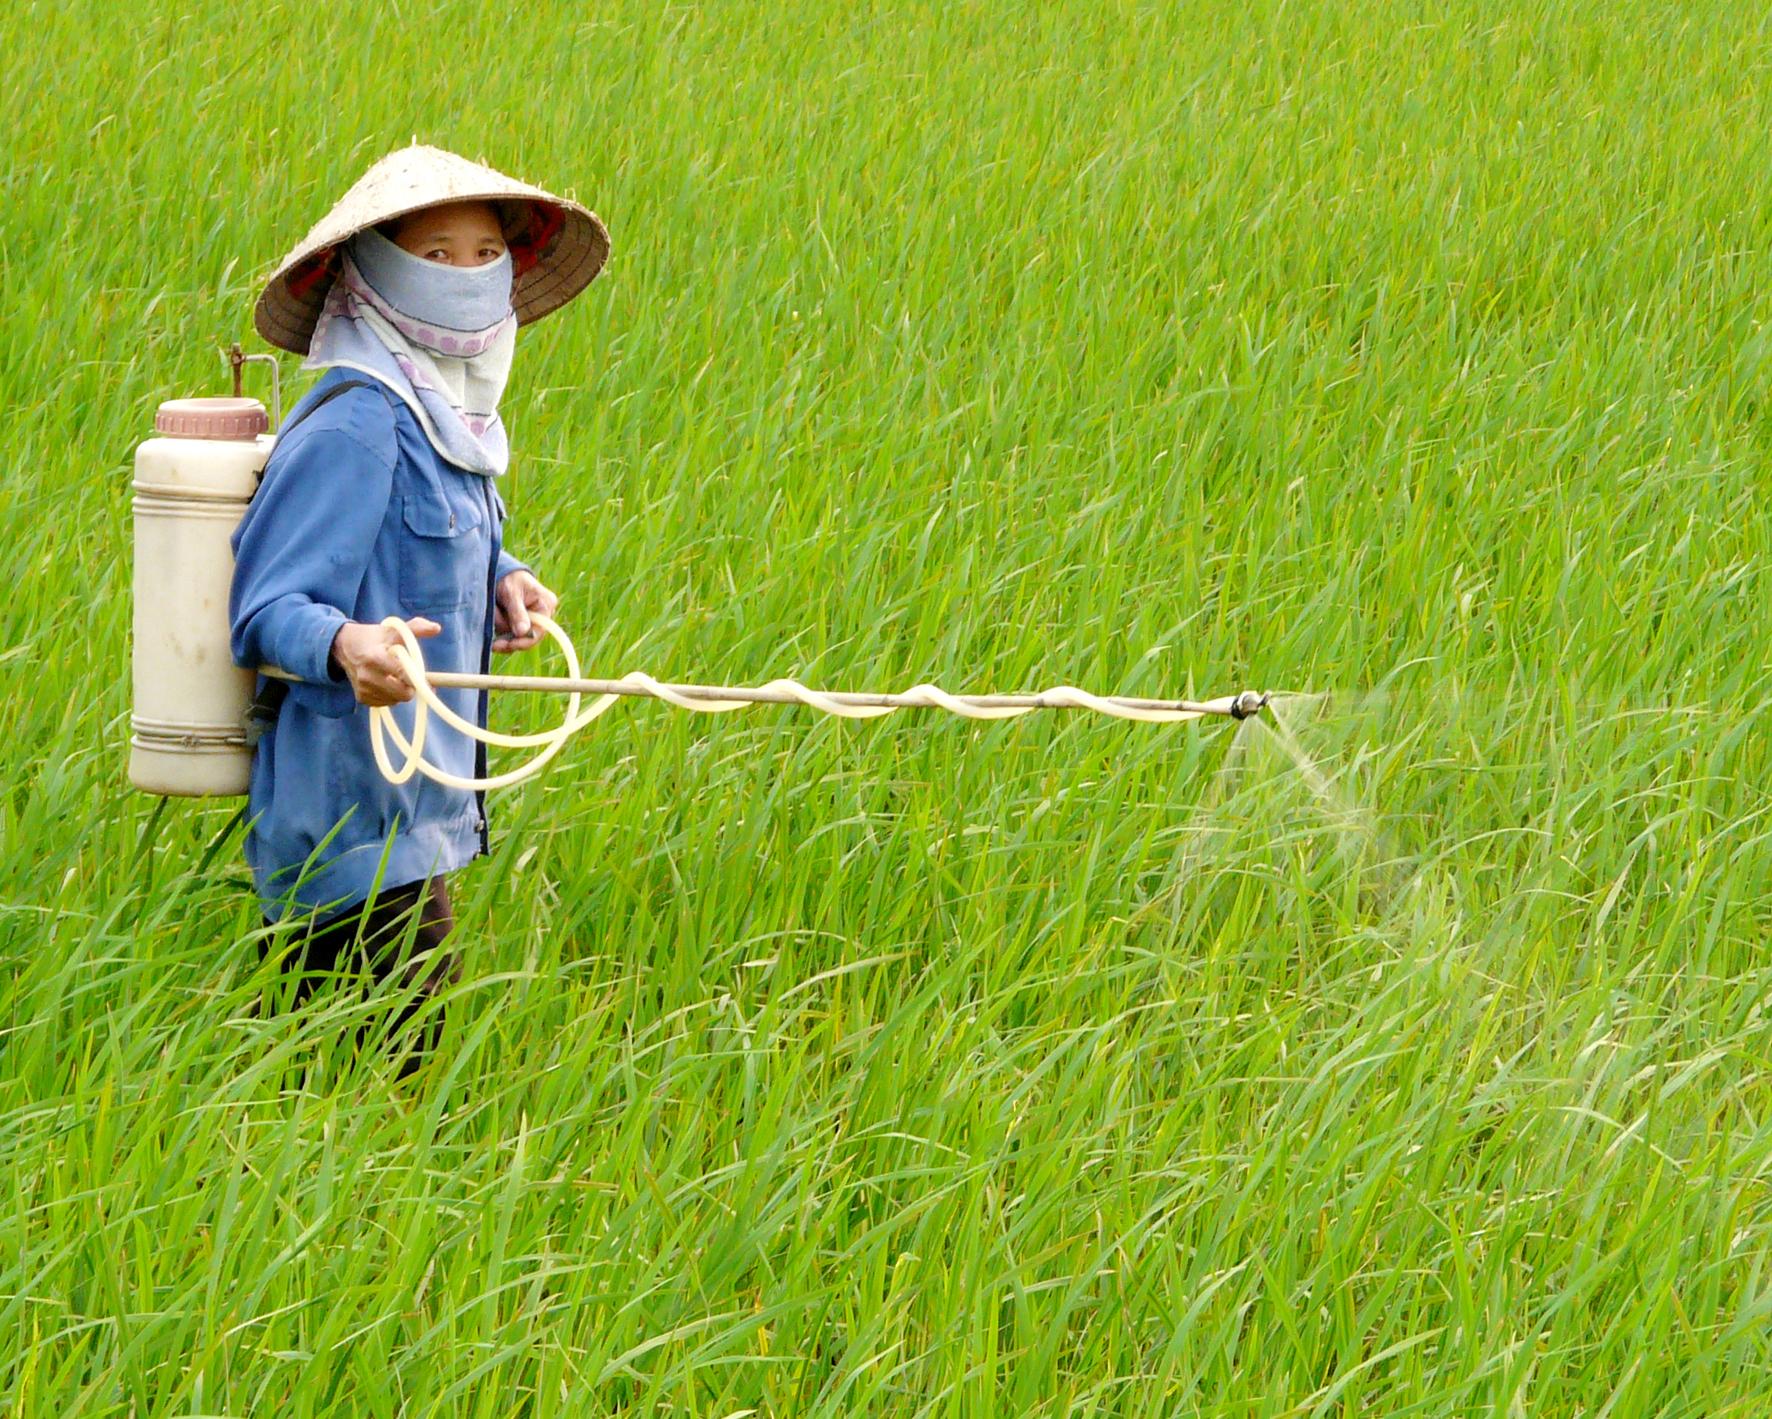 Tội sản xuất buôn bán hàng giả là thức ăn dùng để chăn nuôi-phân bón-thuốc thú y-thuốc bảo vệ thực vật